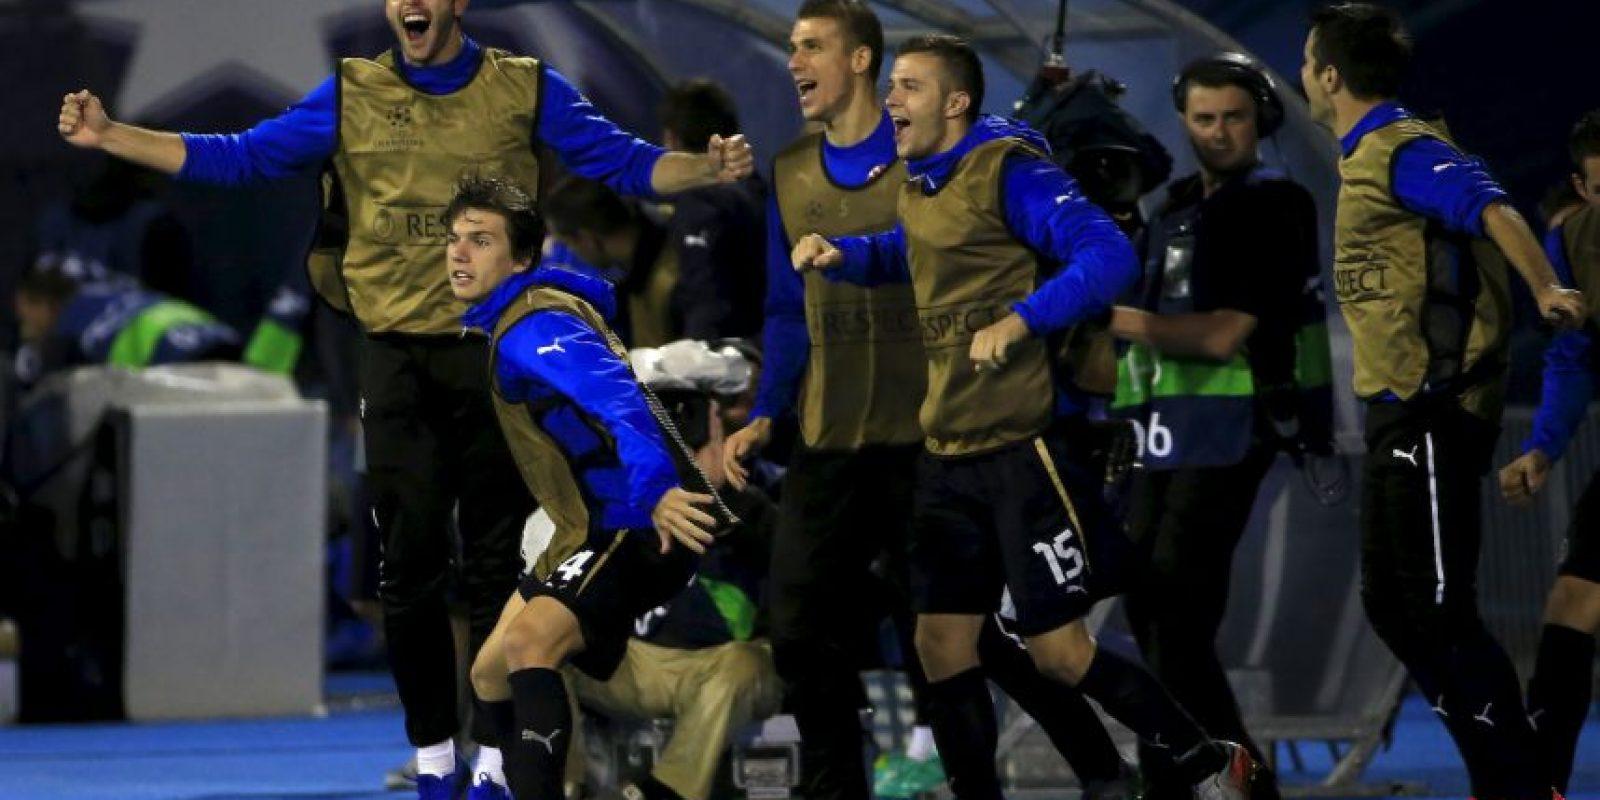 Arsenal, Bayern Múnich y Olympiacos son los clubes con los que comparten el Grupo F Foto:Getty Images